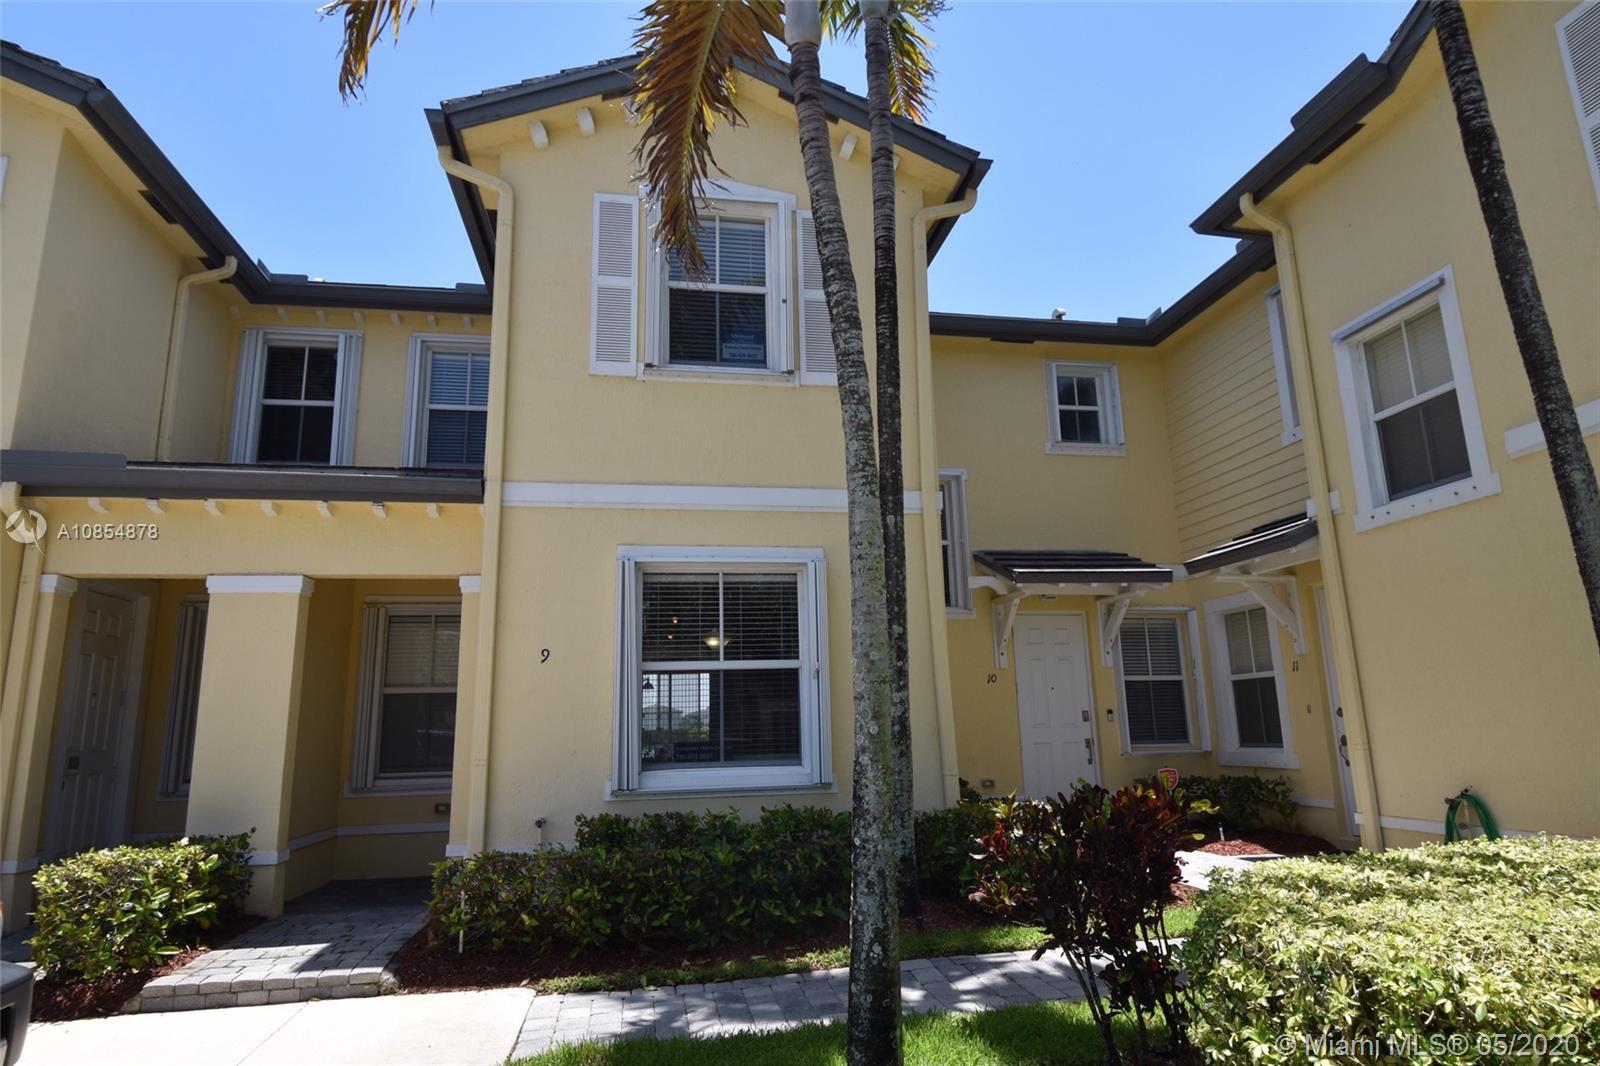 3064 SE 1st Dr #9, Homestead, FL 33033 - Homestead, FL real estate listing